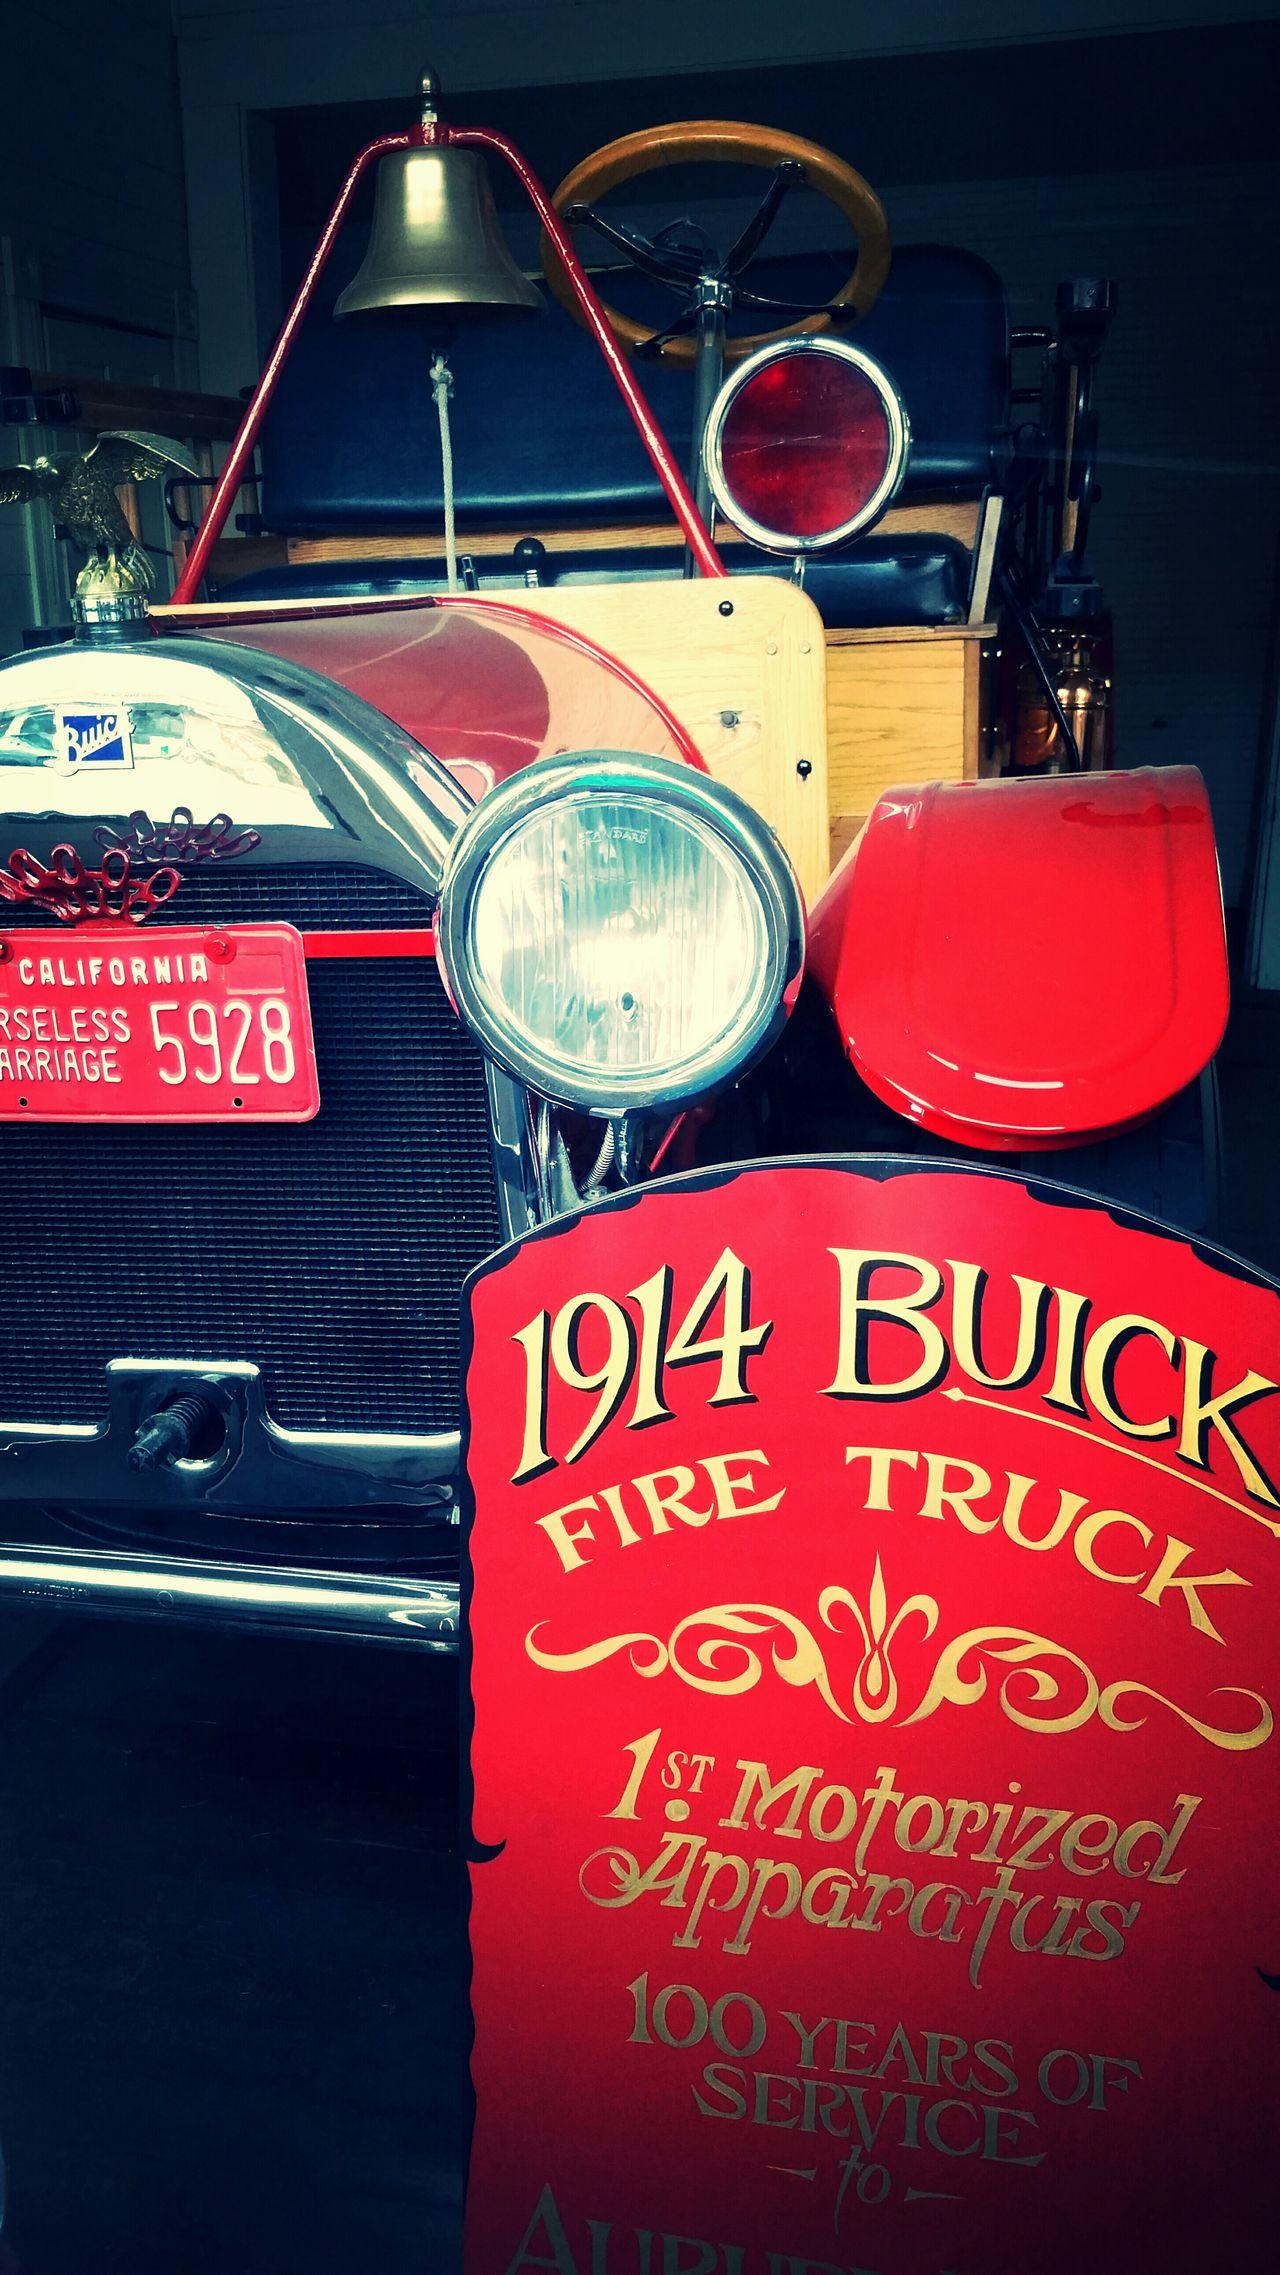 Horeseless Firetruck Vintage Firetruck Firetruck Firefighters